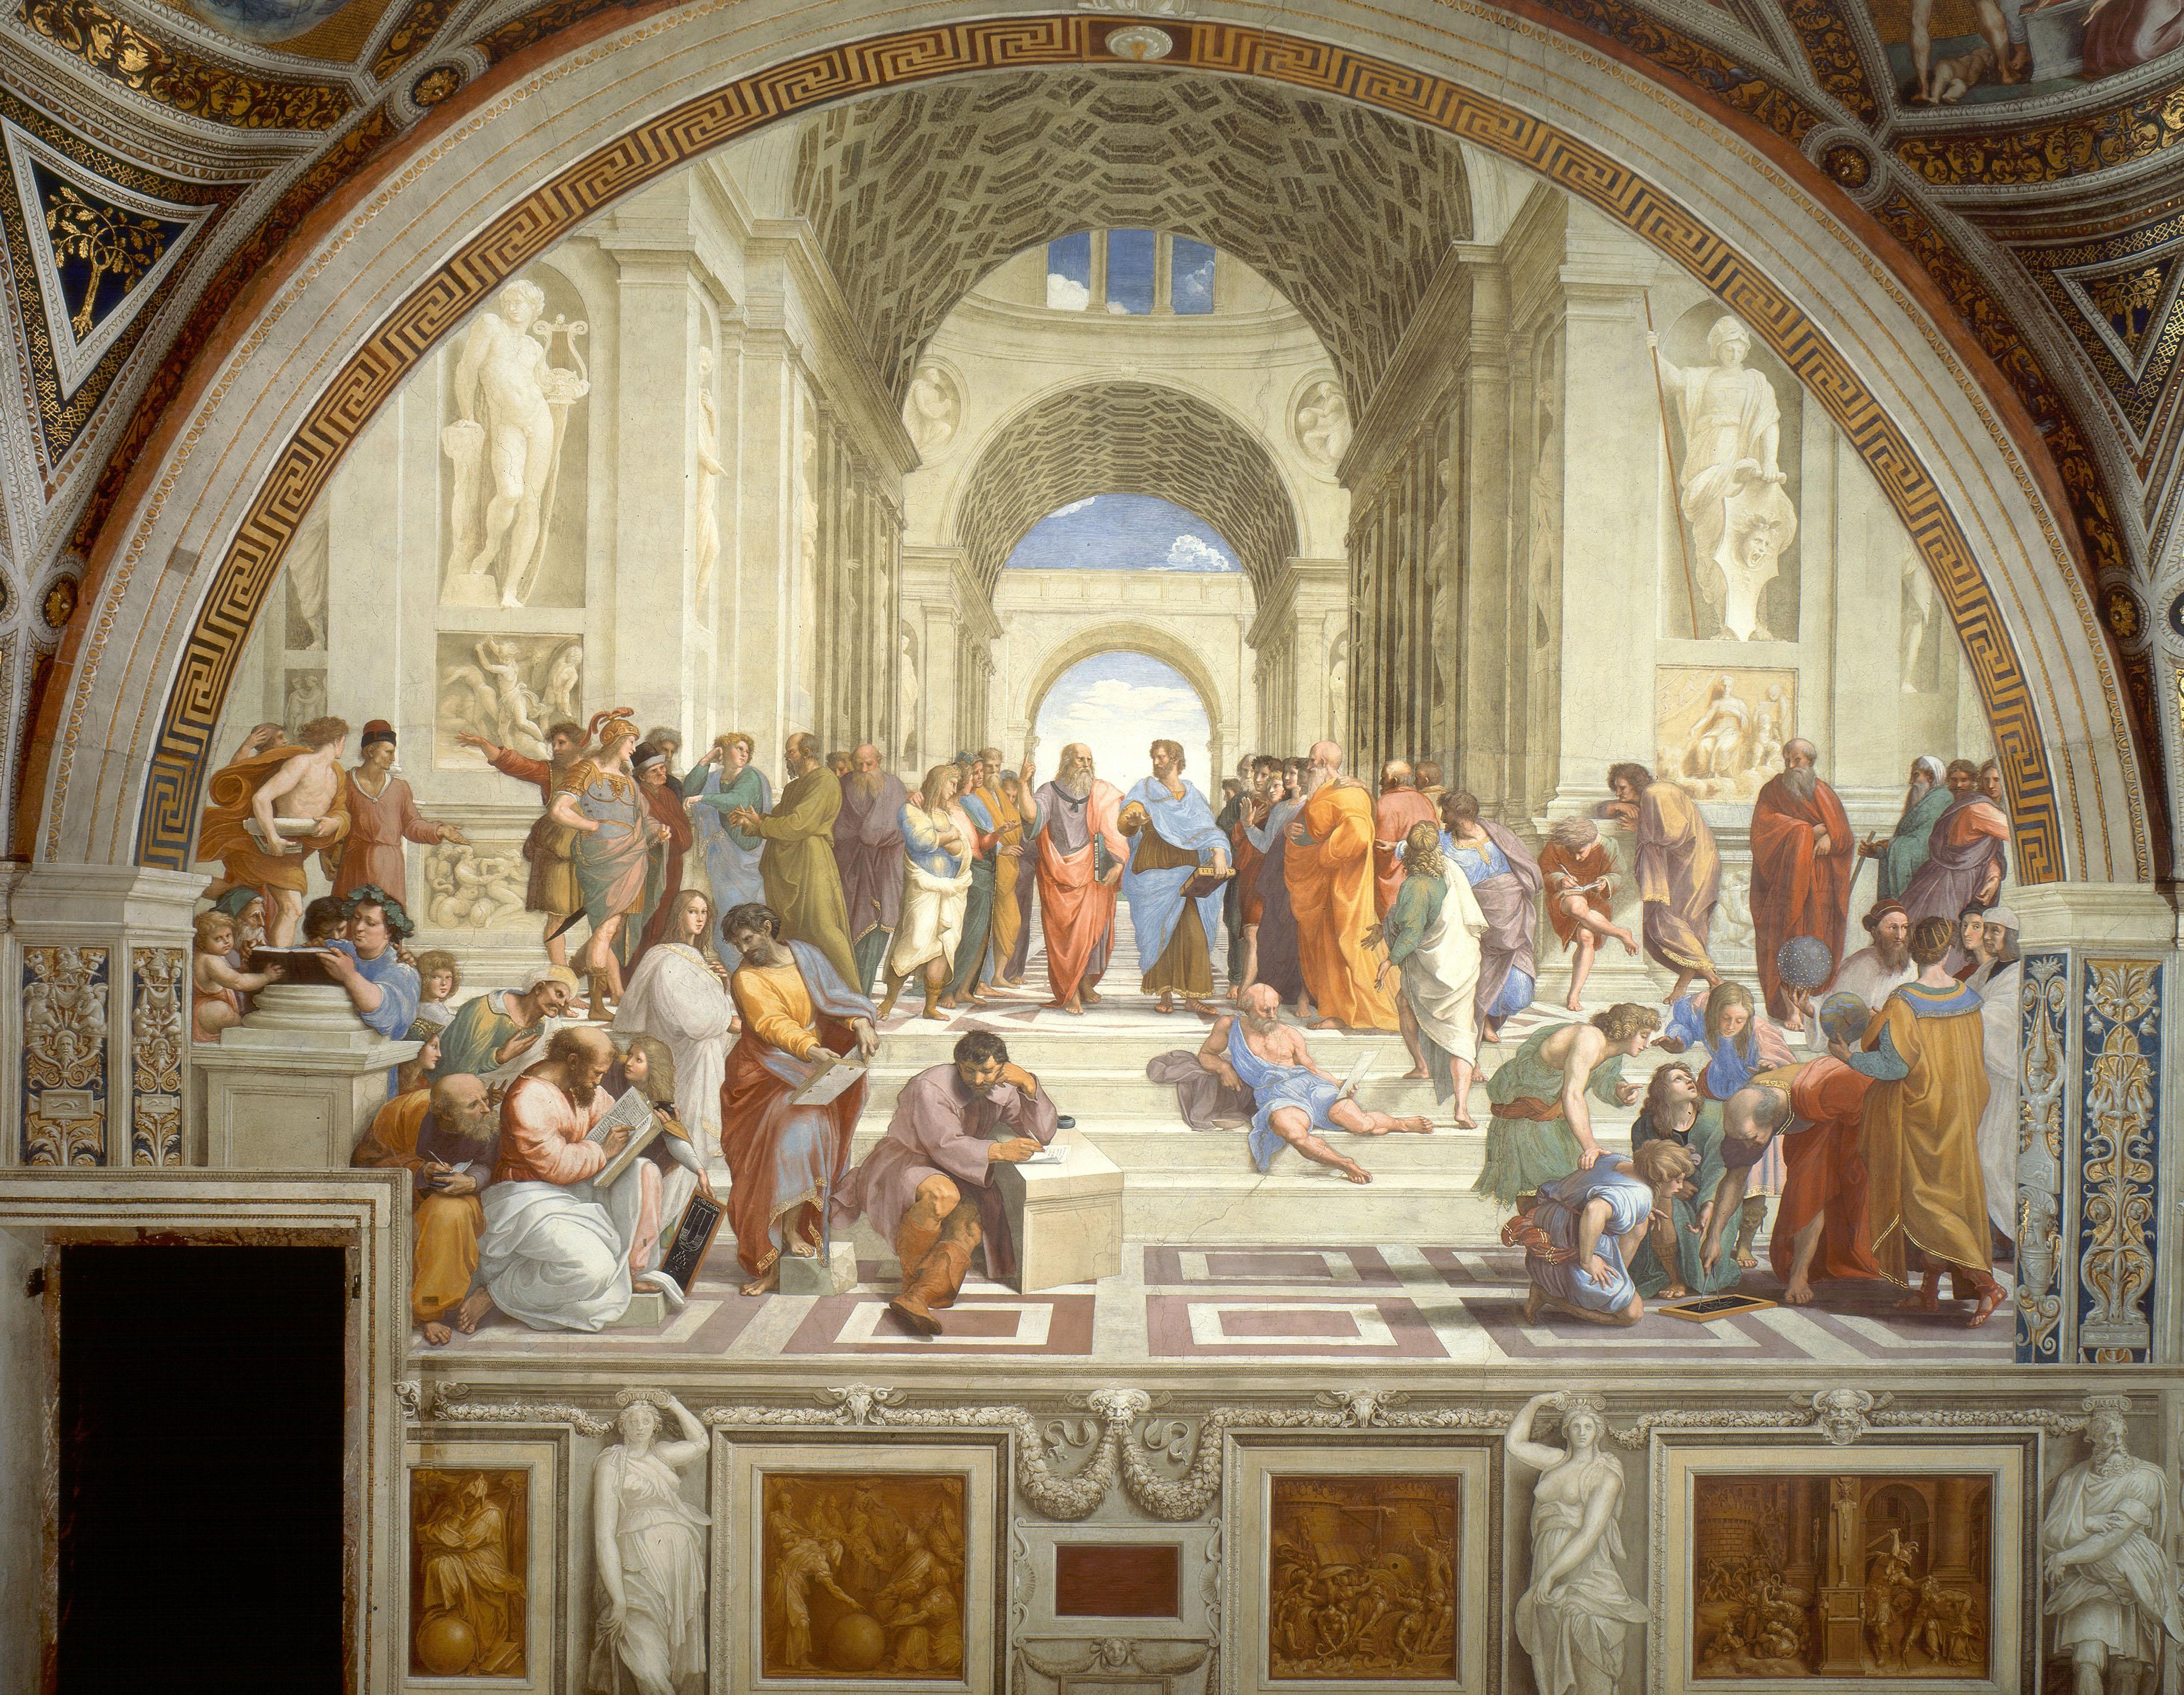 Ý nghĩa ẩn trong 4 kiệt tác hội họa thời Phục Hưng mà giới quý tộc nào cũng am hiểu - Ảnh 2.